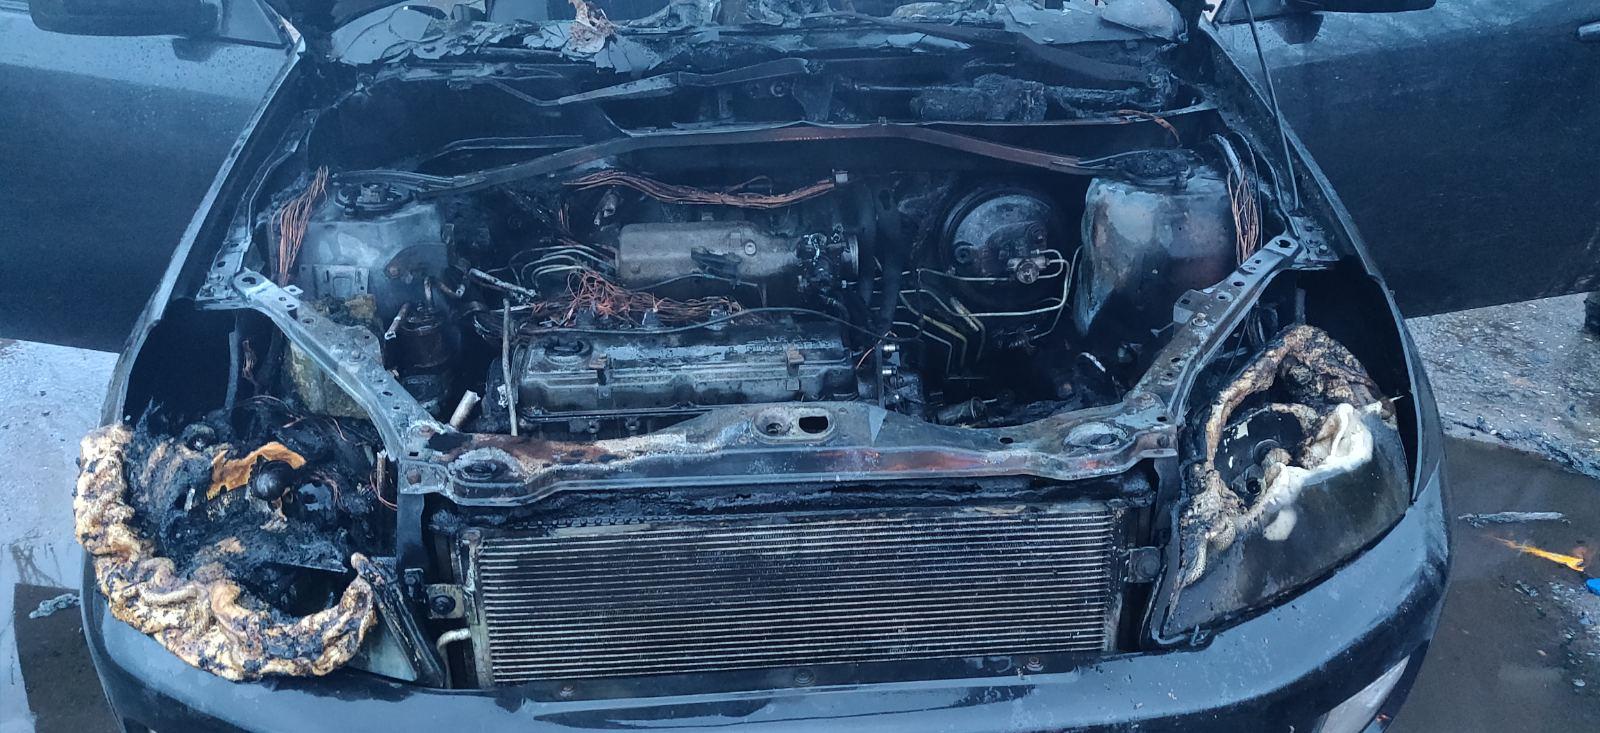 На Харьковщине во время движения сгорел автомобиль (фото)